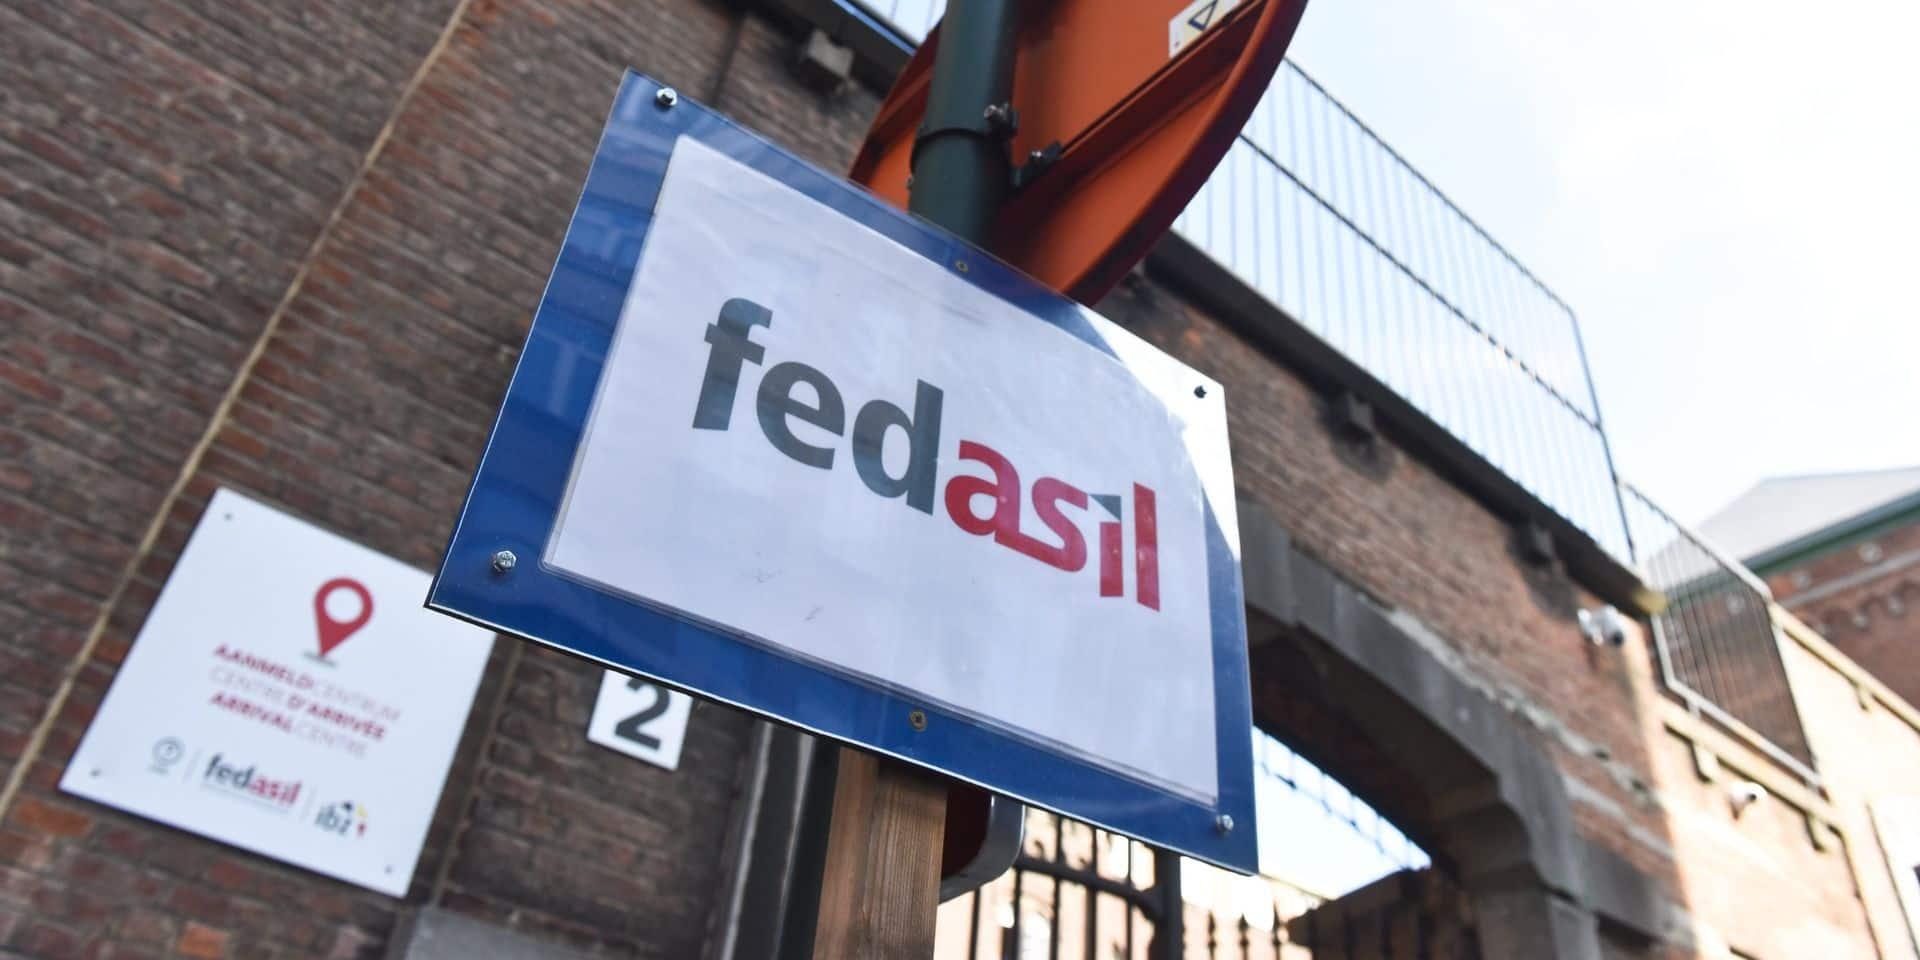 Fedasil condamnée plusieurs fois à assurer l'accueil de demandeurs d'asile